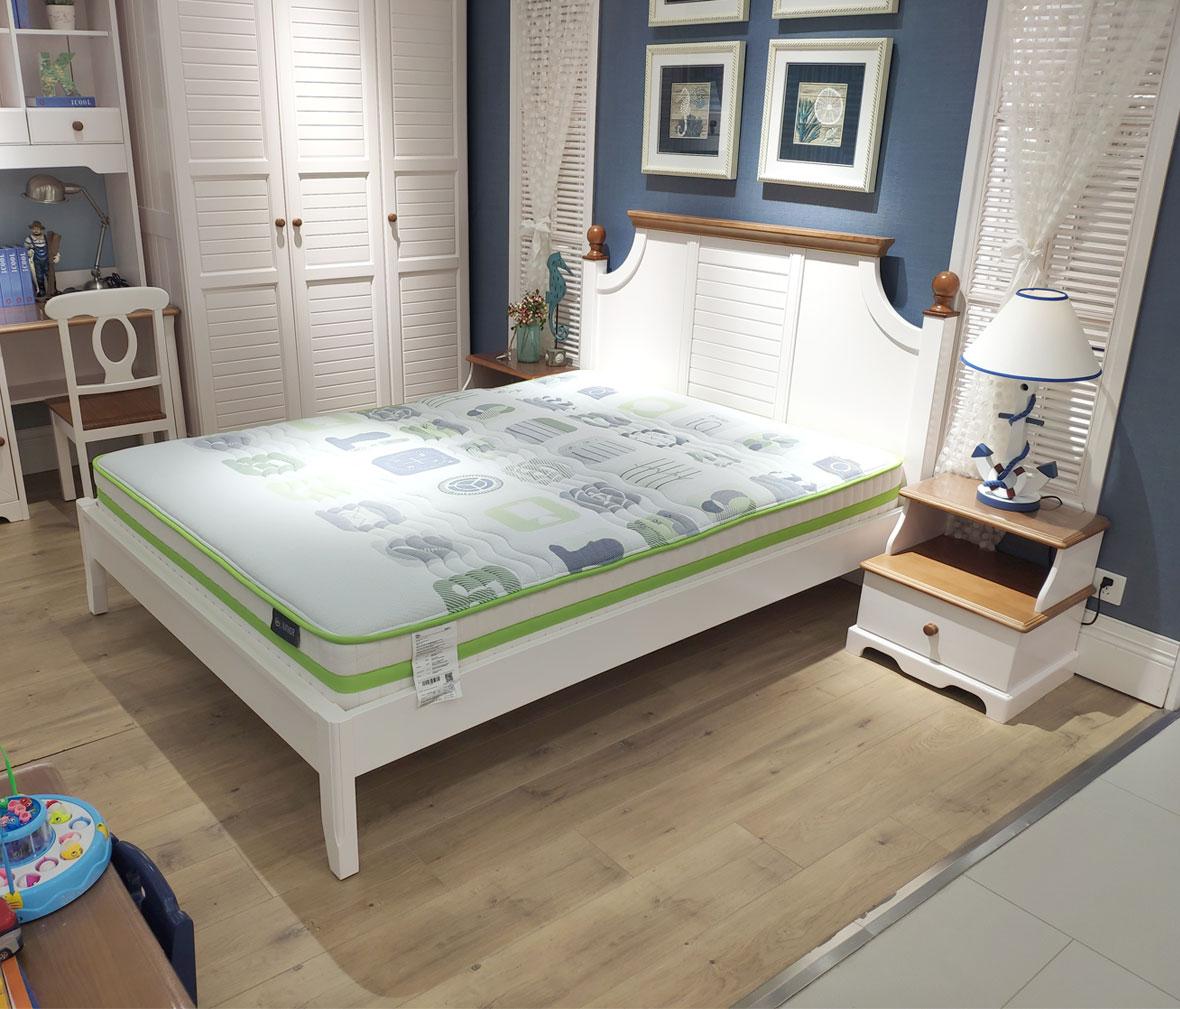 松堡王国 SJA11-15-20-22型号舒达青少年床垫 弹簧床垫